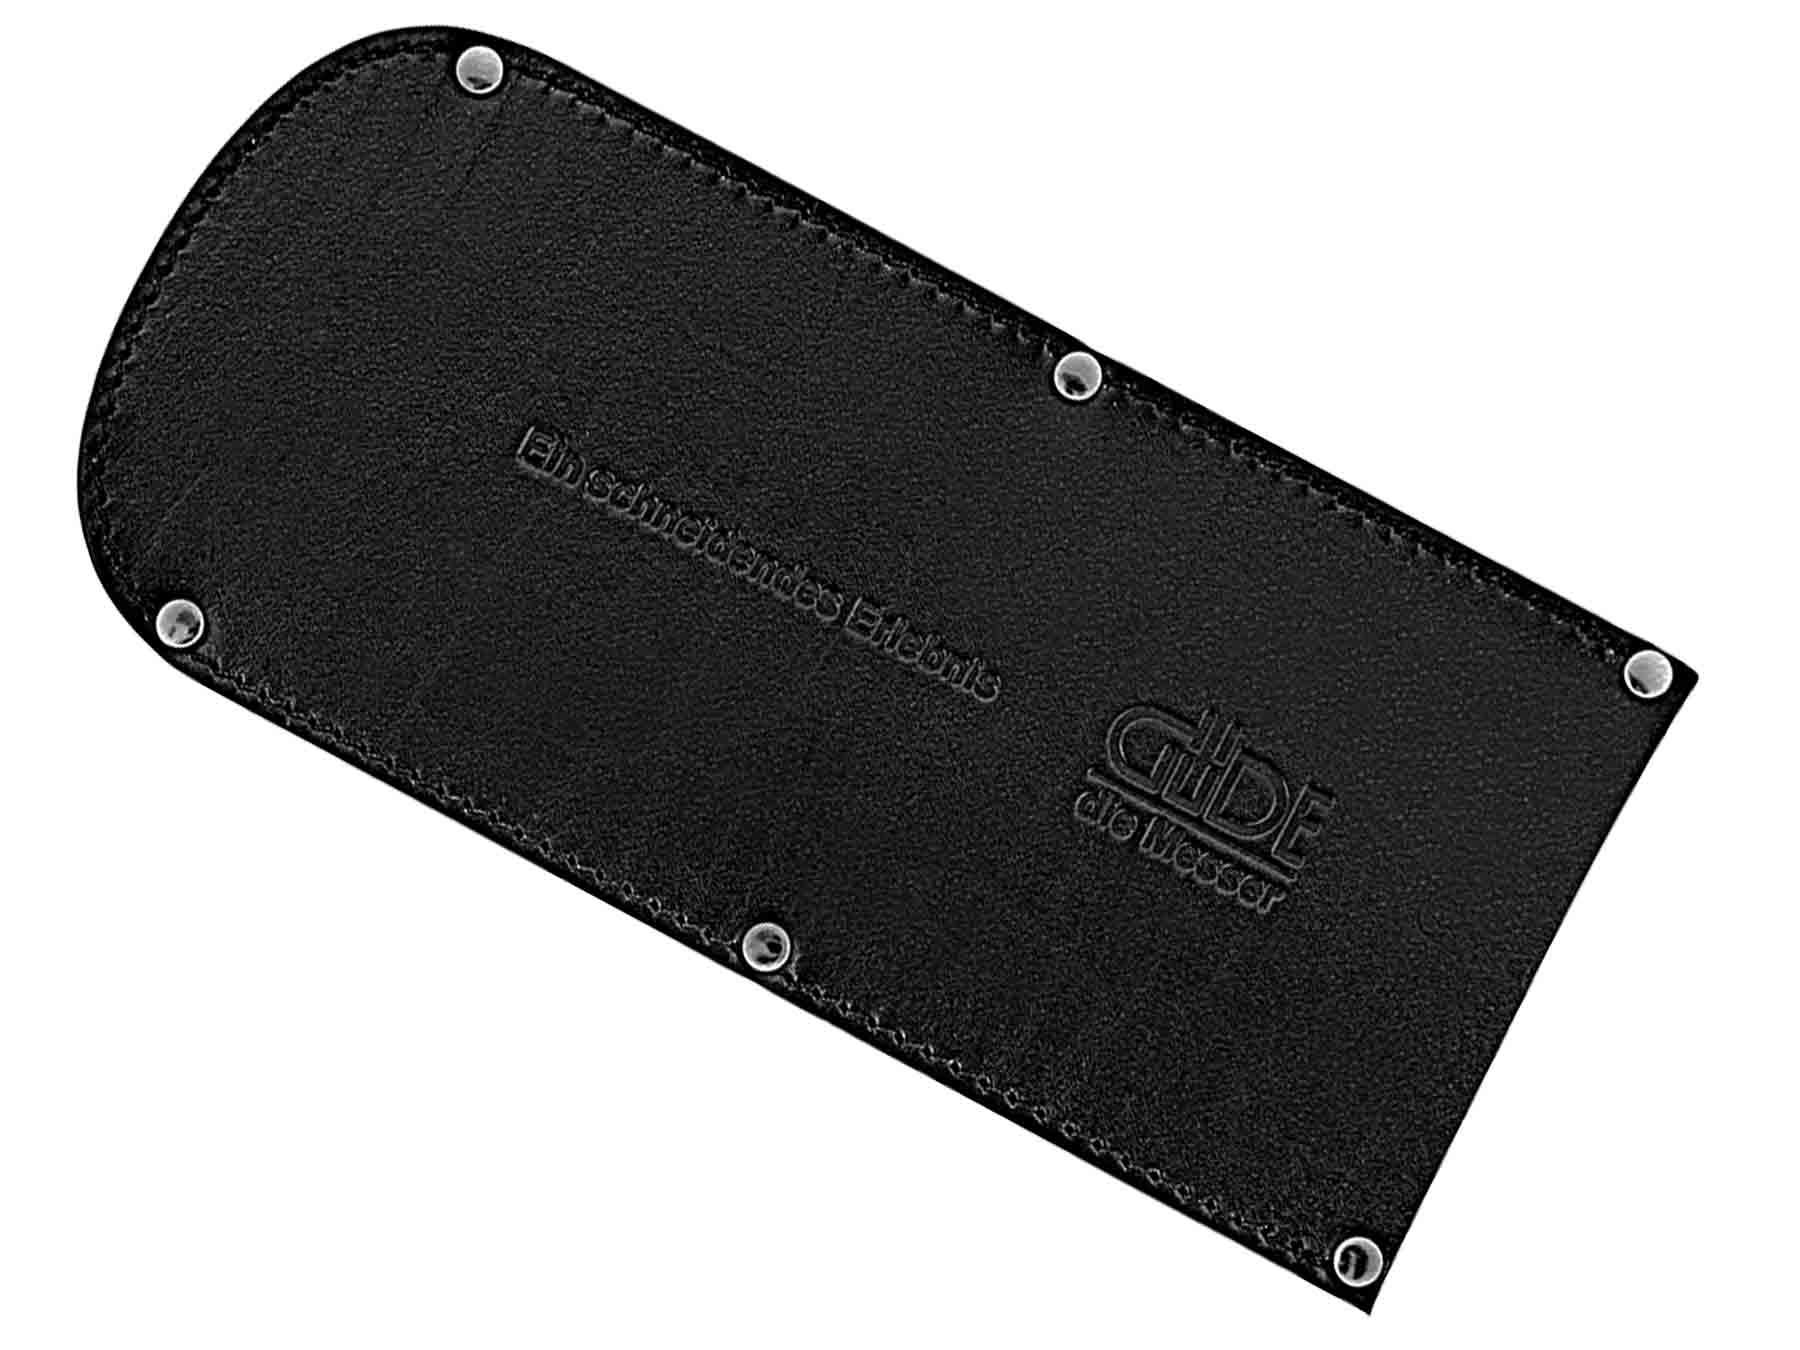 Güde Messerscheide 5200/16B aus Leder - 16 cm extra breit